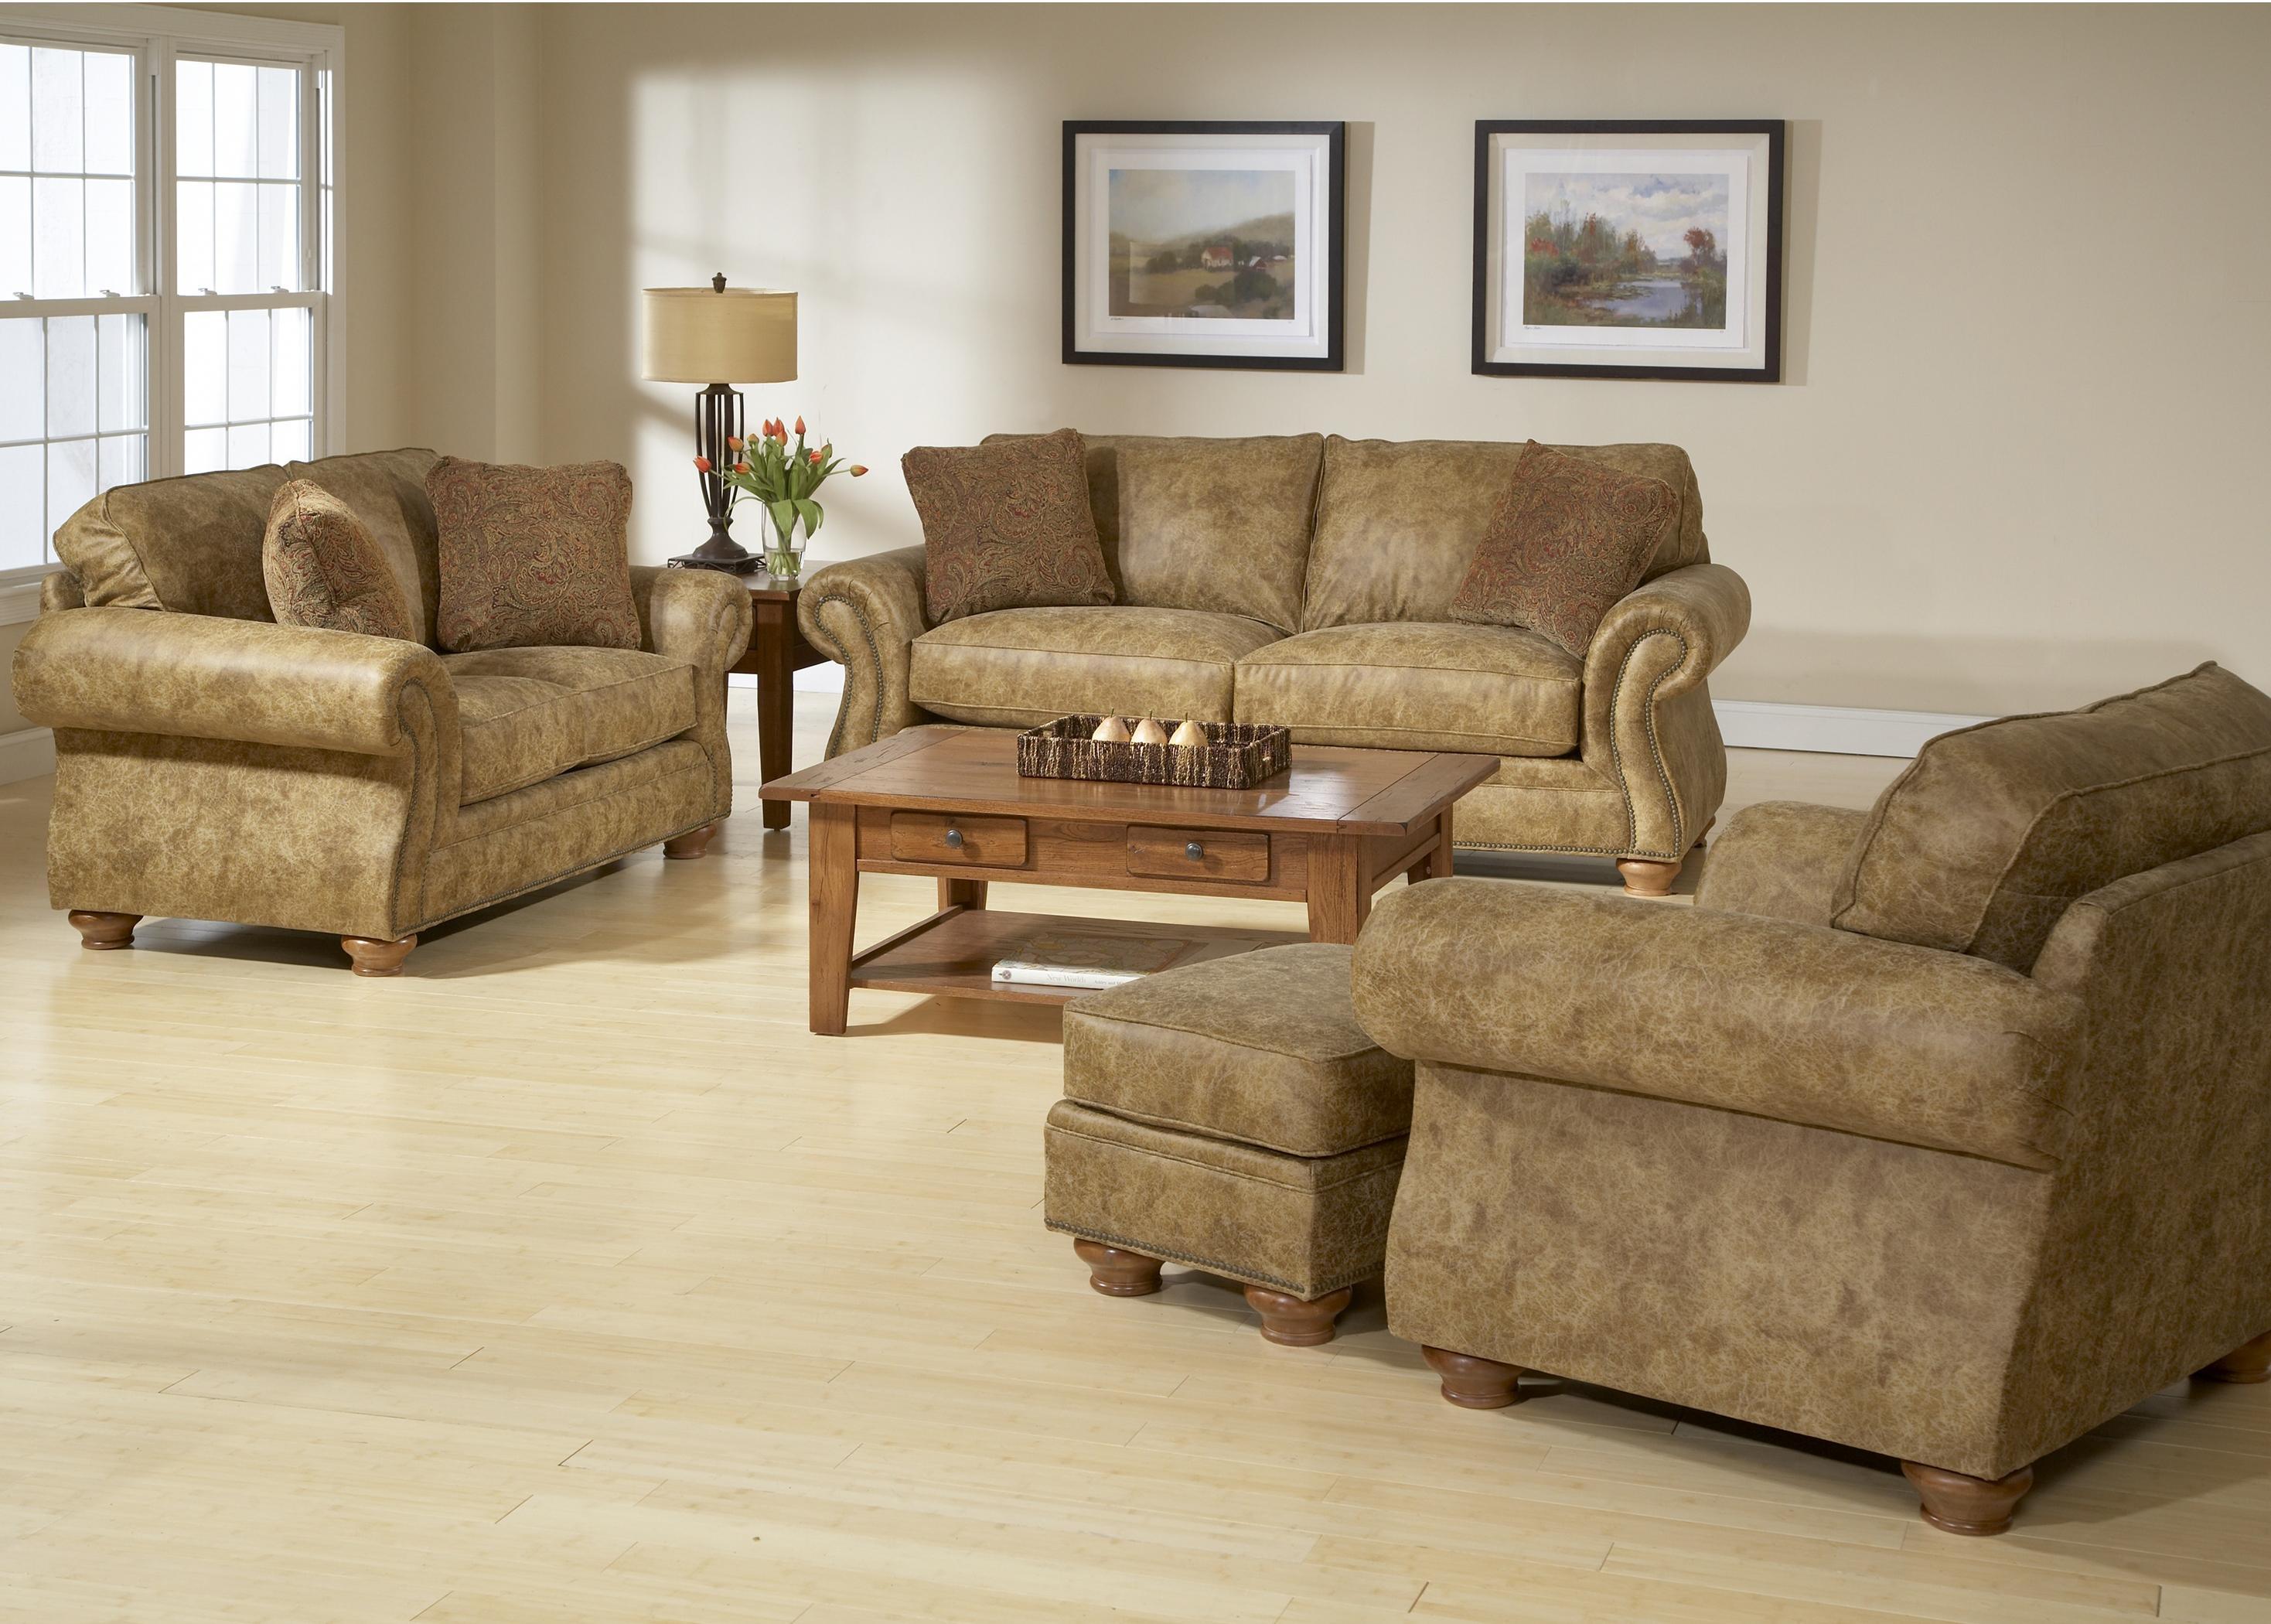 Broyhill Furniture Laramie 5081 7a Air Dream Sofa Sleeper With Nail Head Trim Baer 39 S Furniture